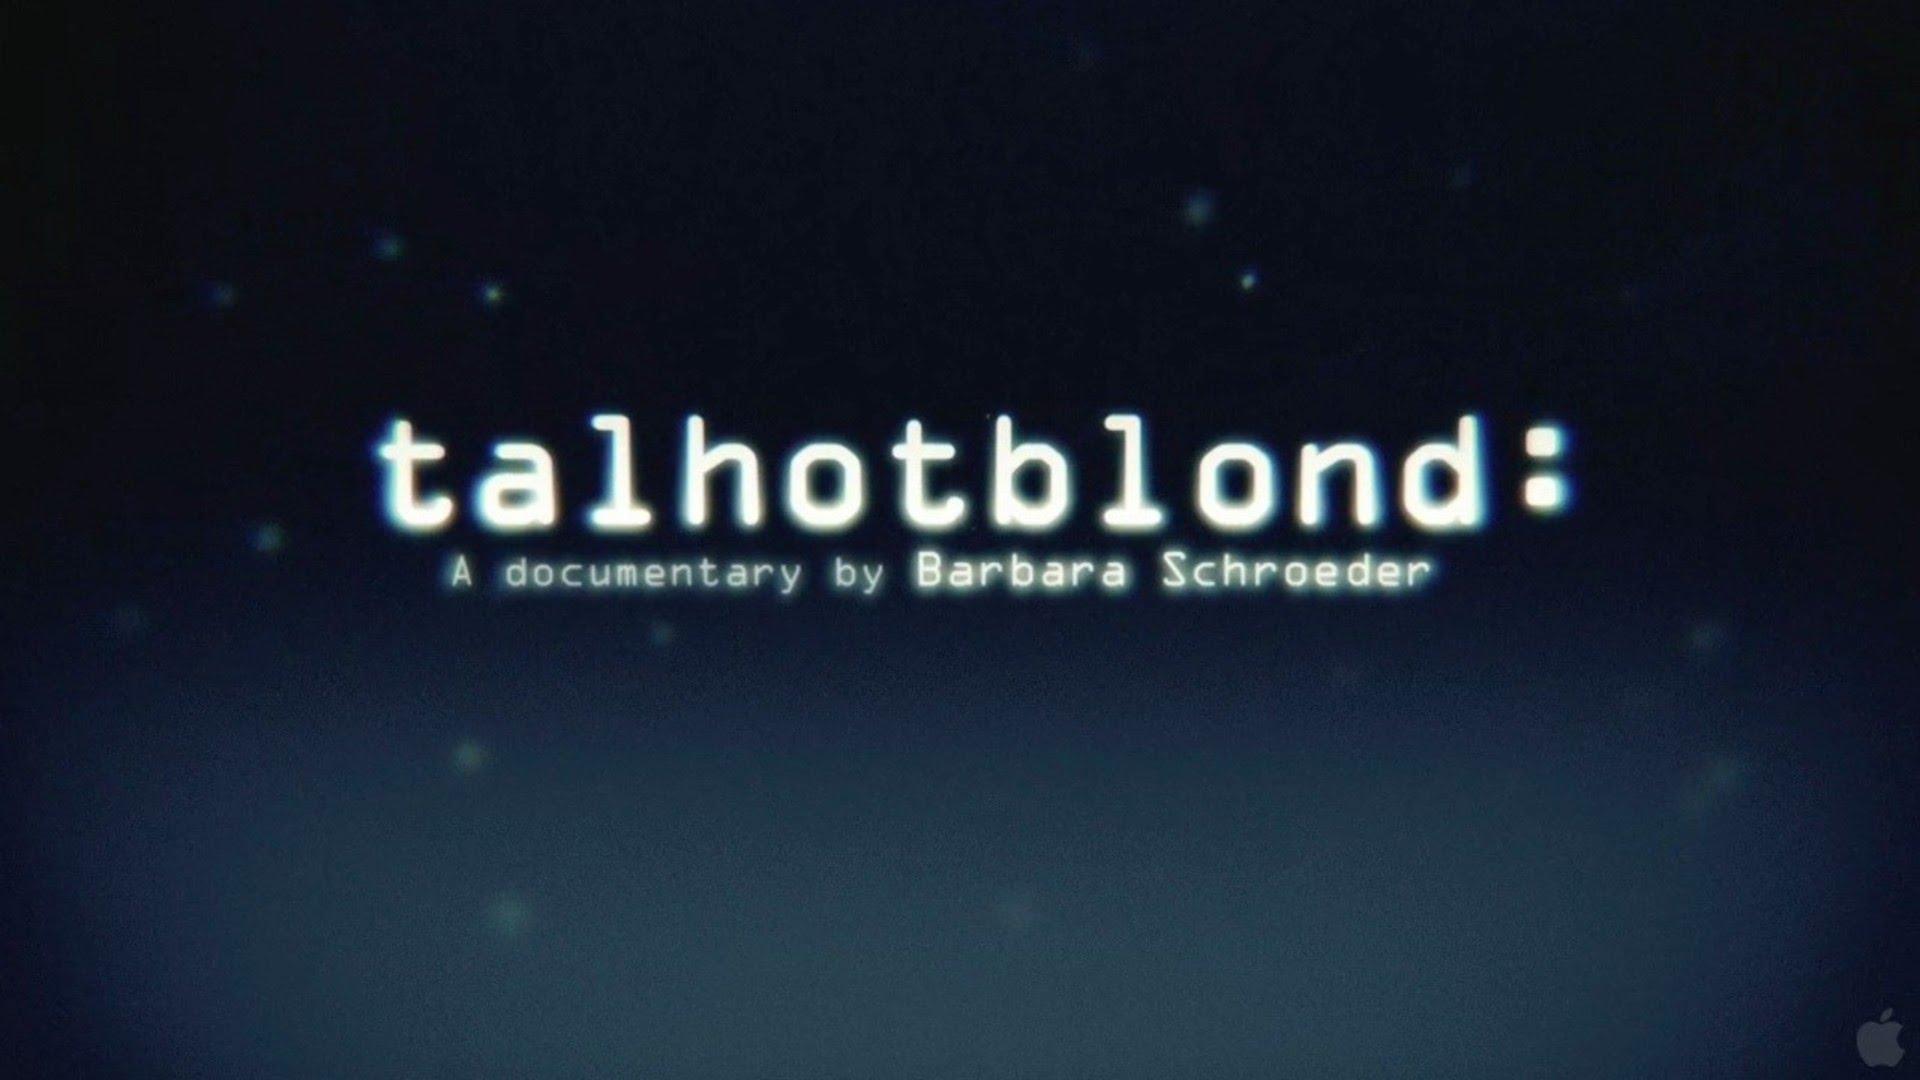 talhotblond-documentary-film